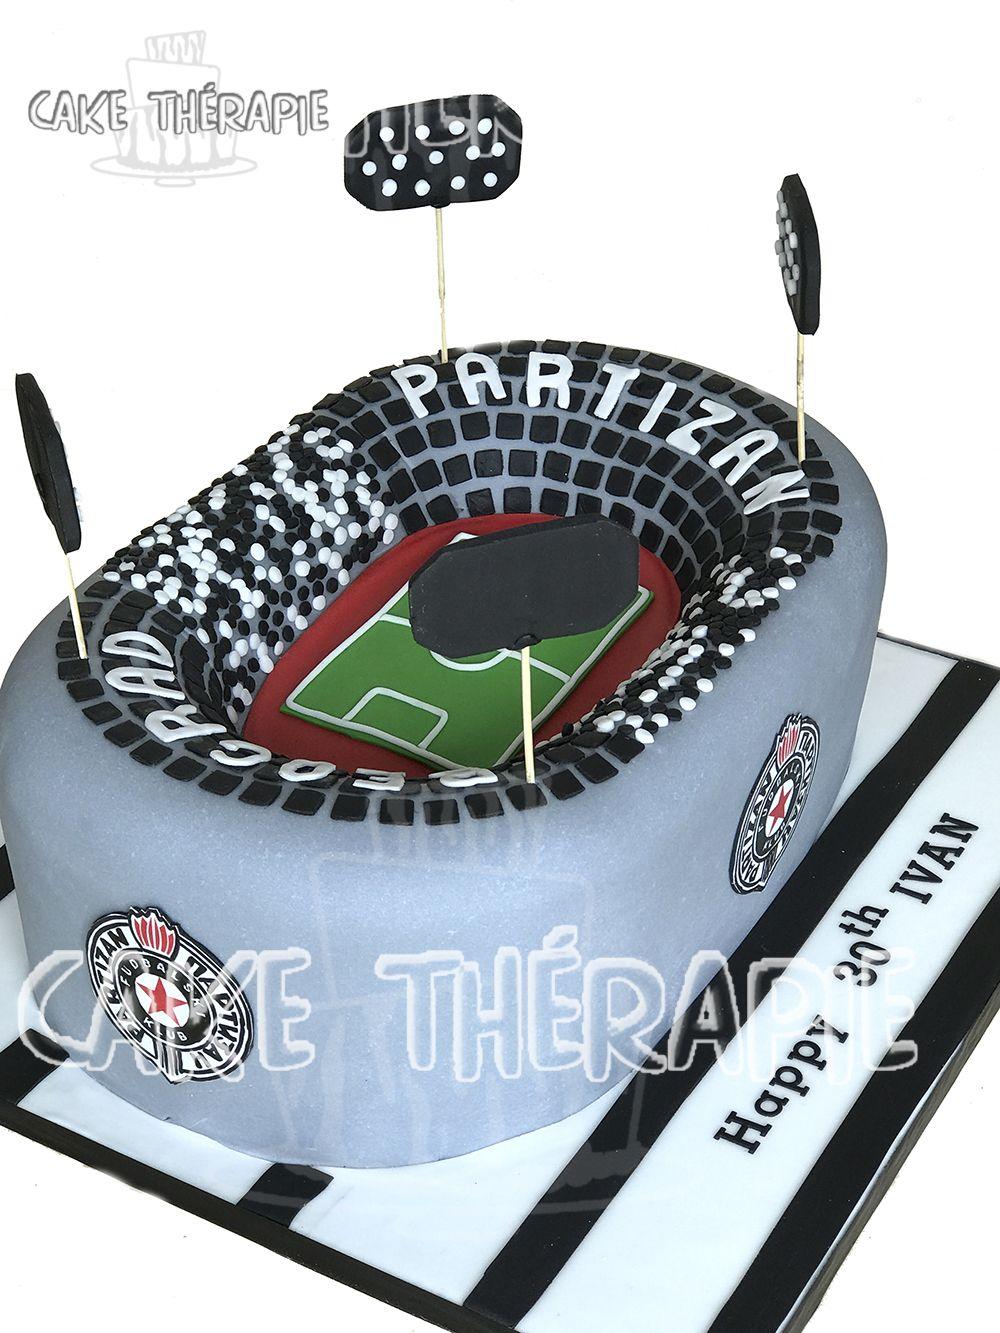 Stadium Cake , 30th Birthday , Men's cake